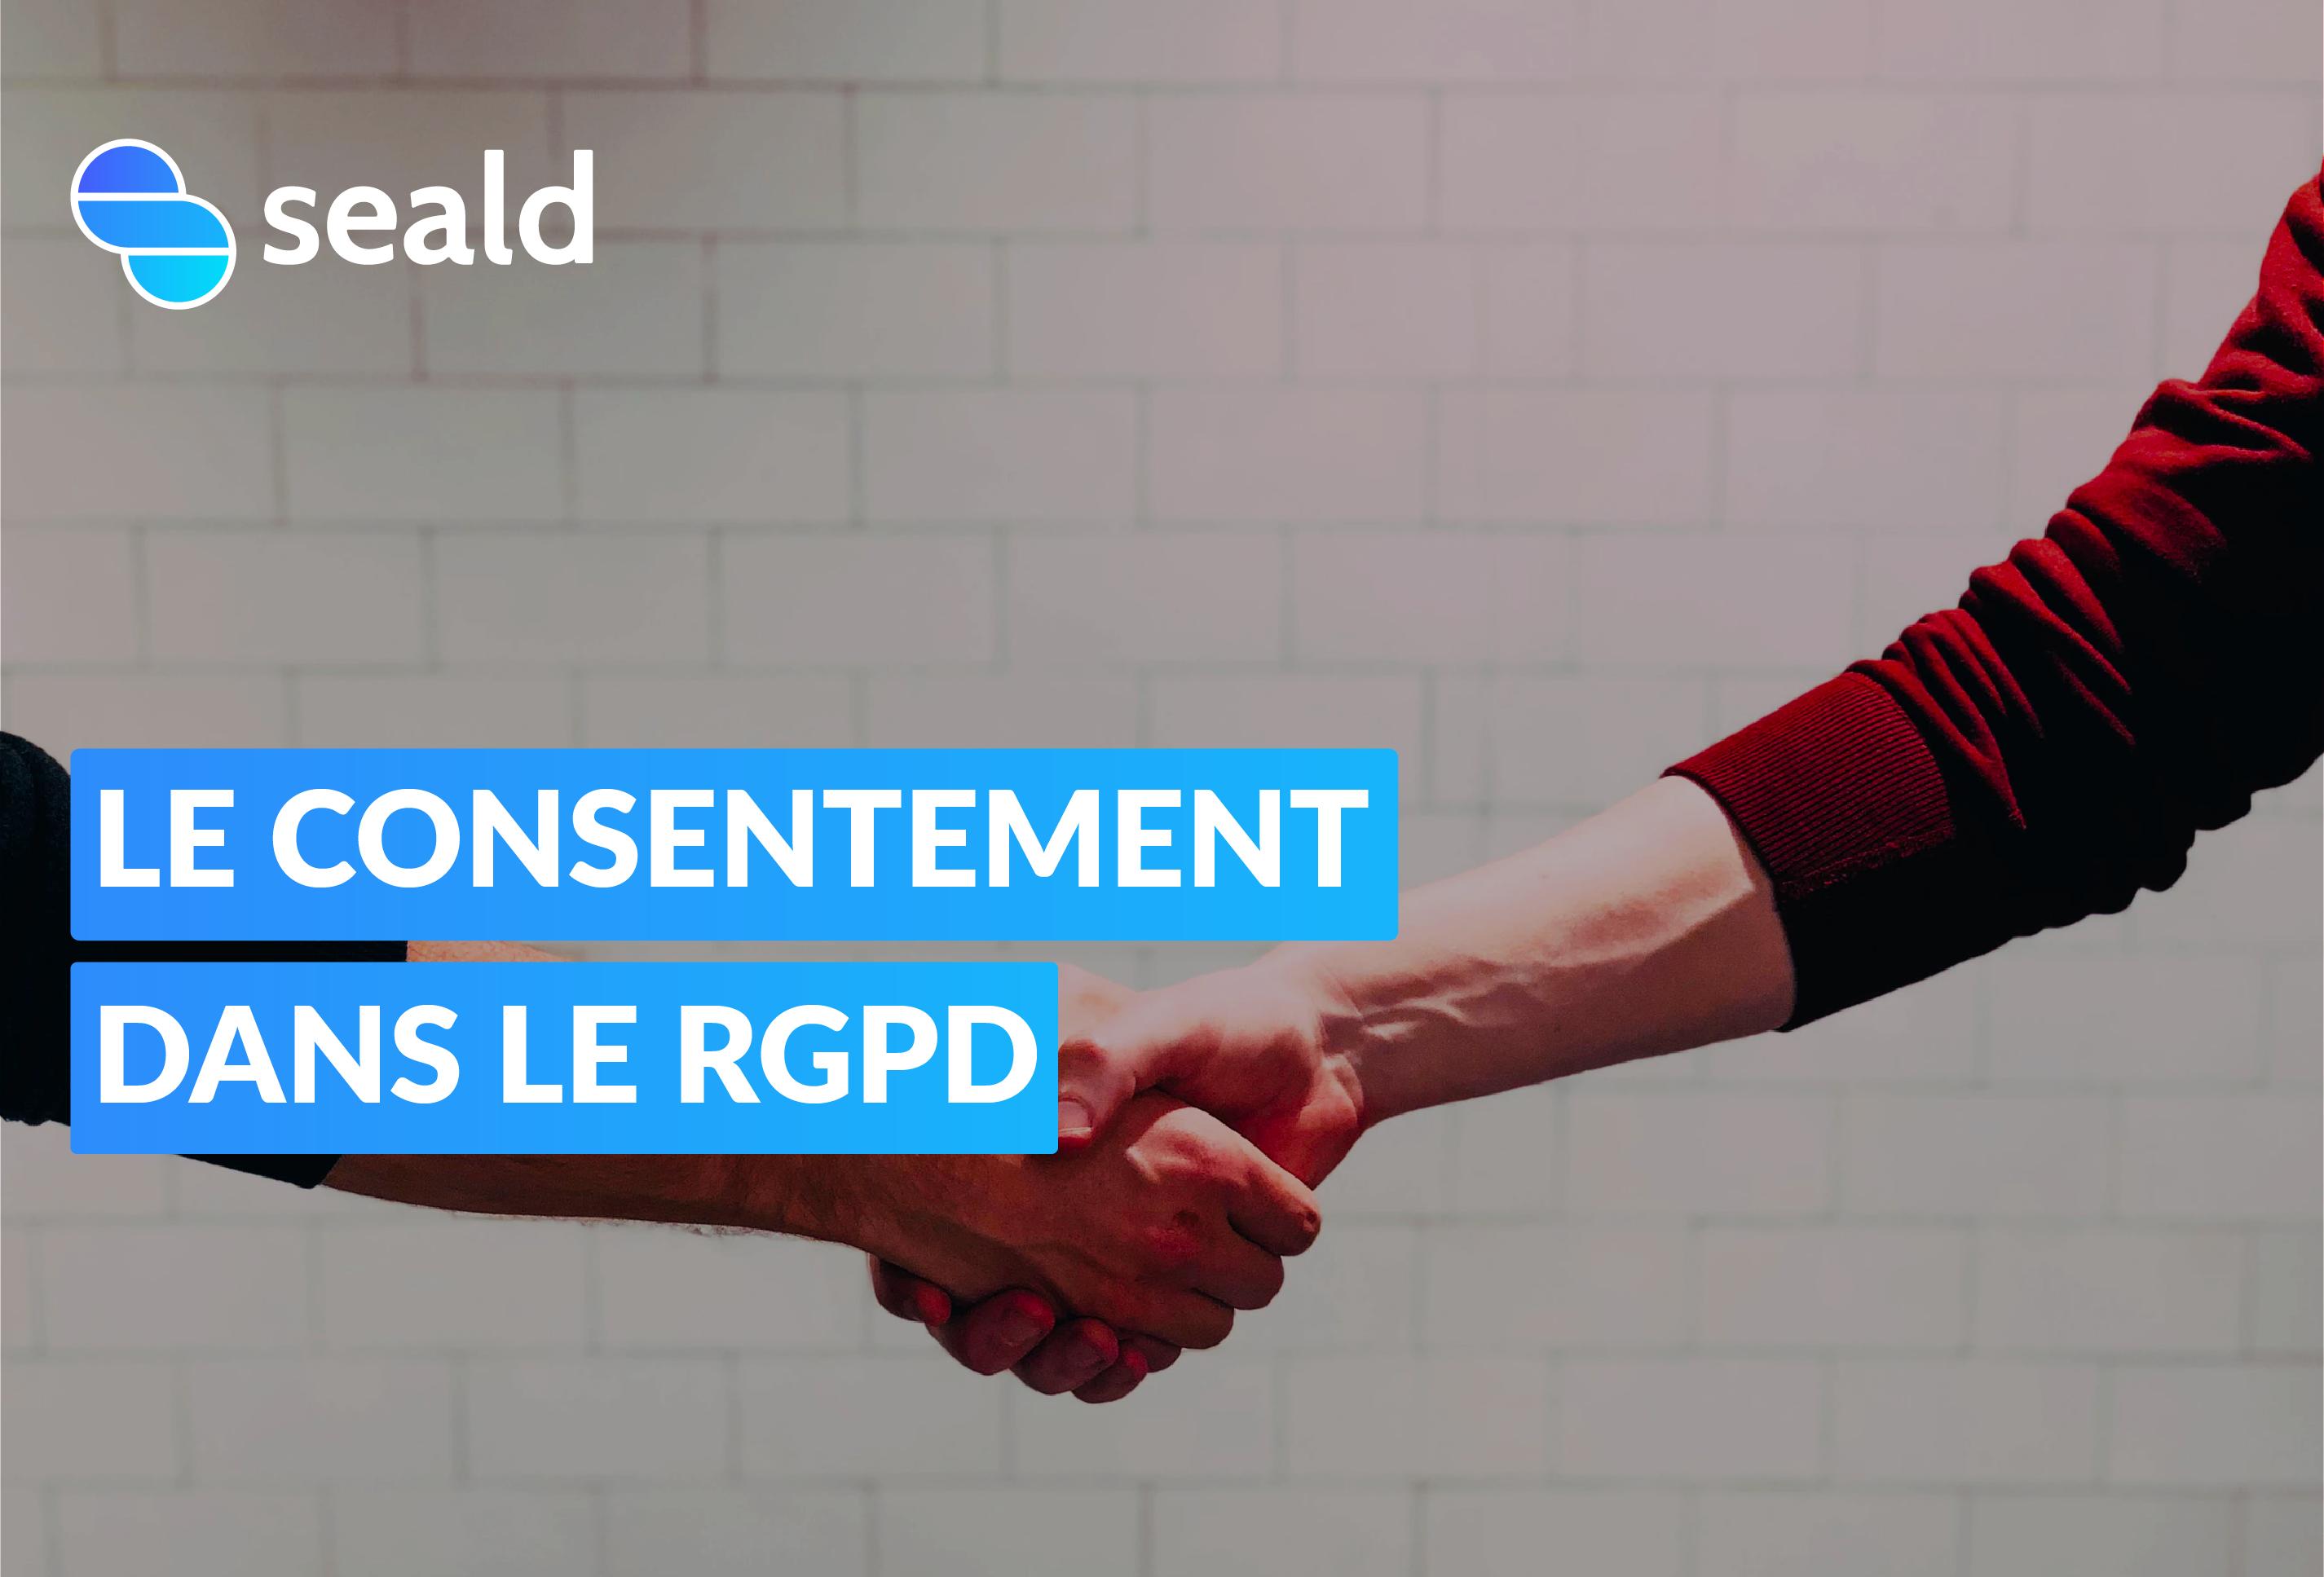 Le consentement dans le RGPD